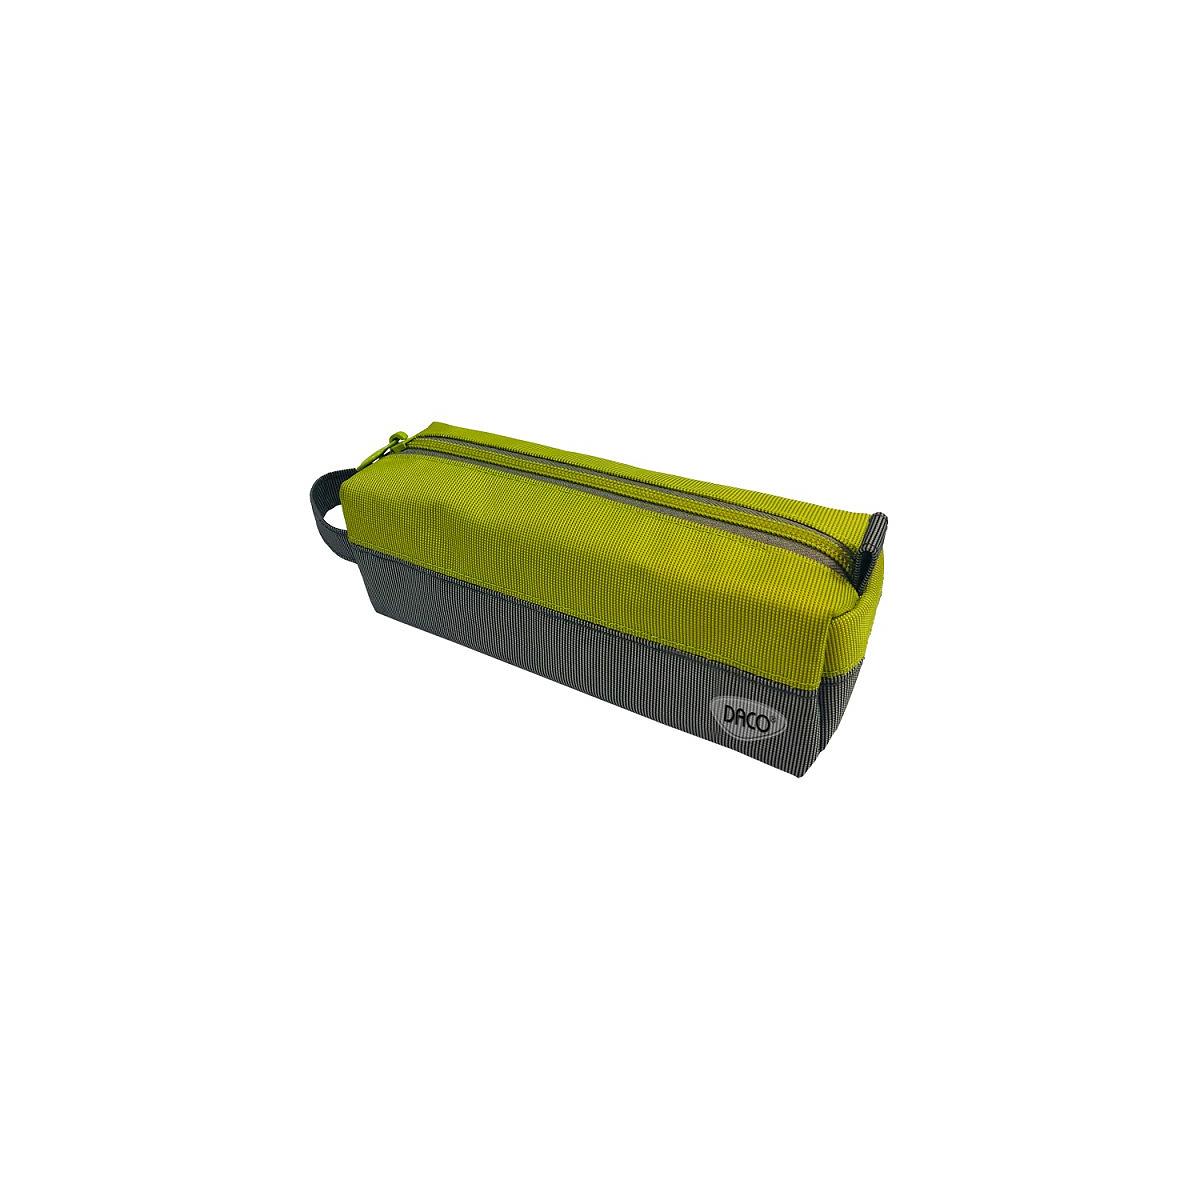 Penar Borsetă, 1 Fermoar, PE625V, Daco